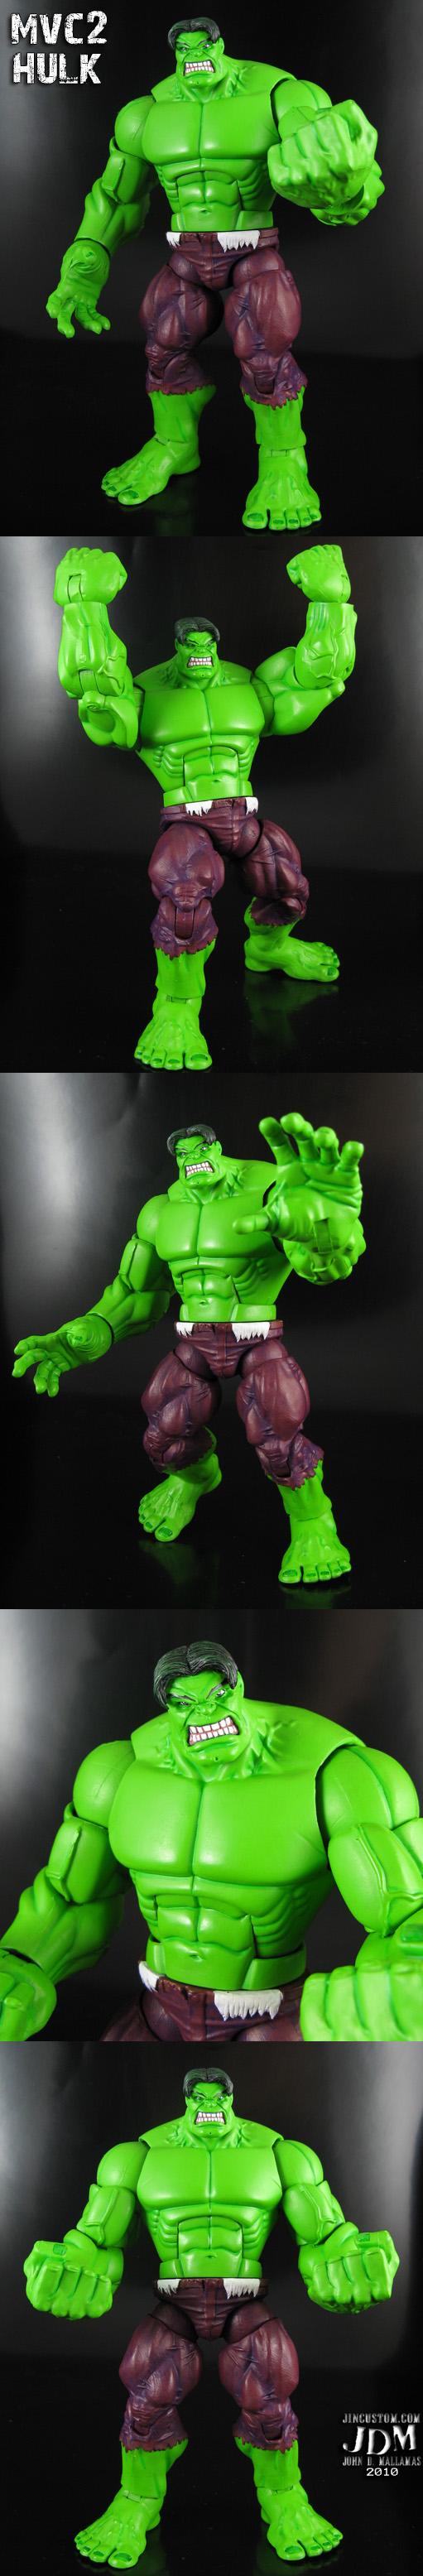 Hulk MvC2